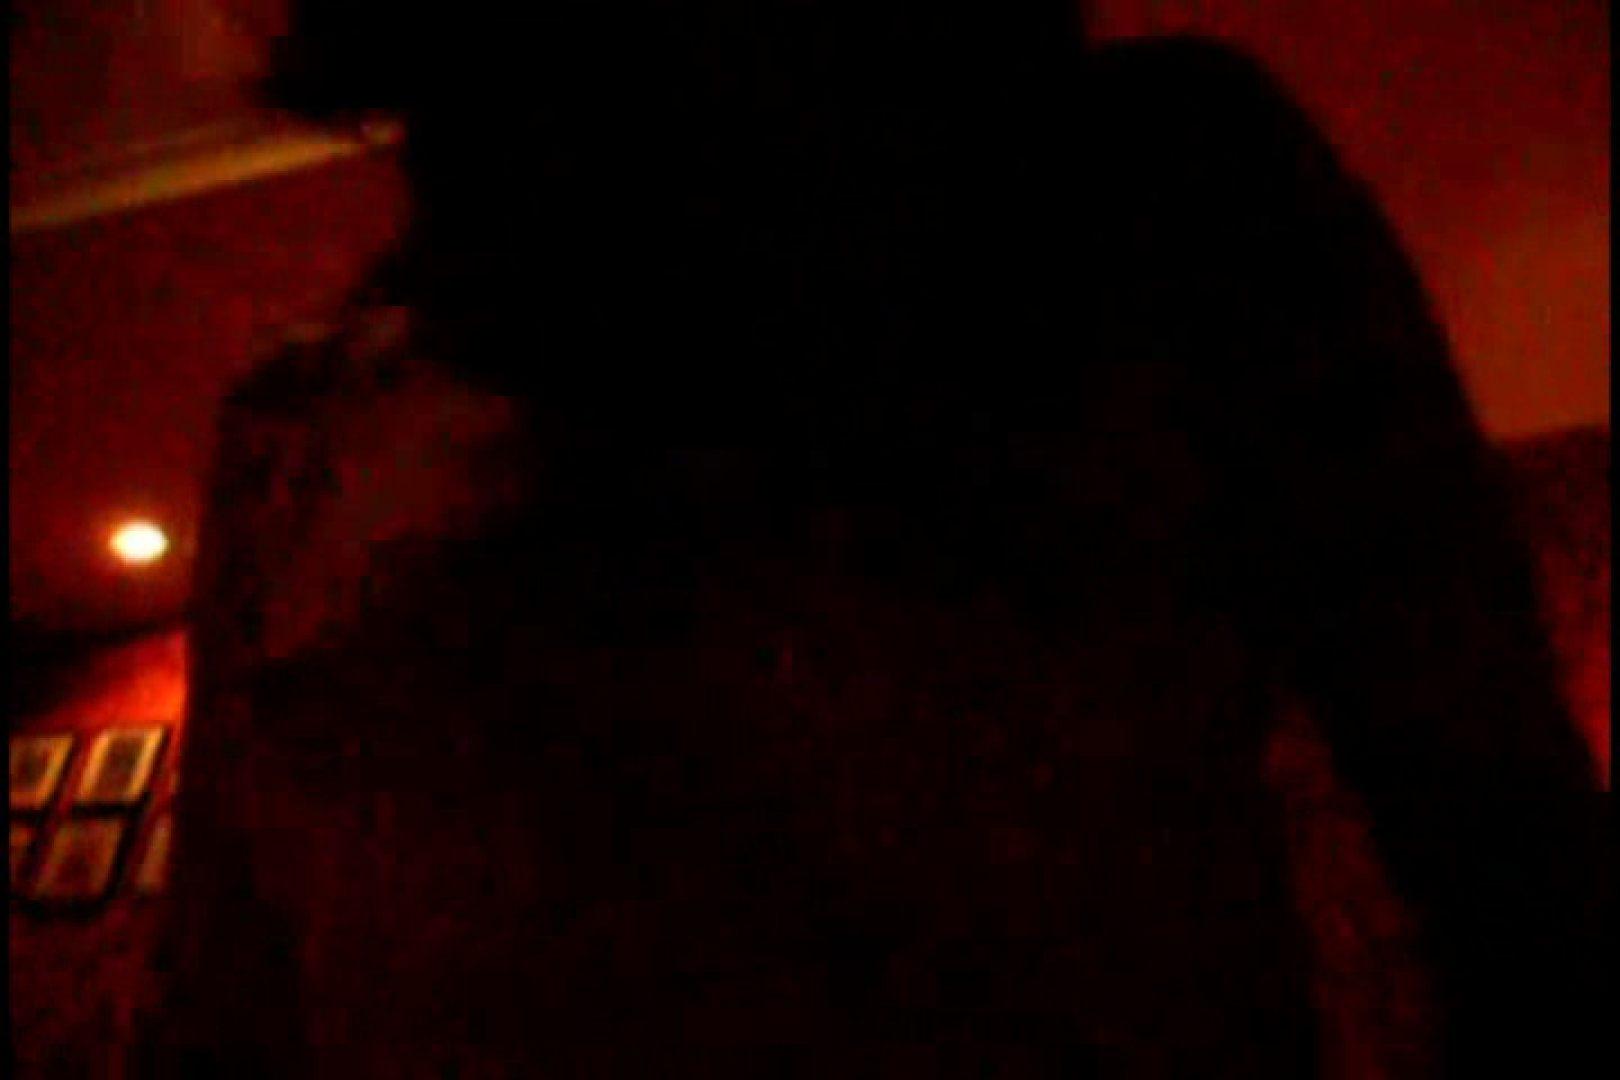 某掲示板に投稿された素人女性たちVOL.9 投稿 性交動画流出 94PIX 32